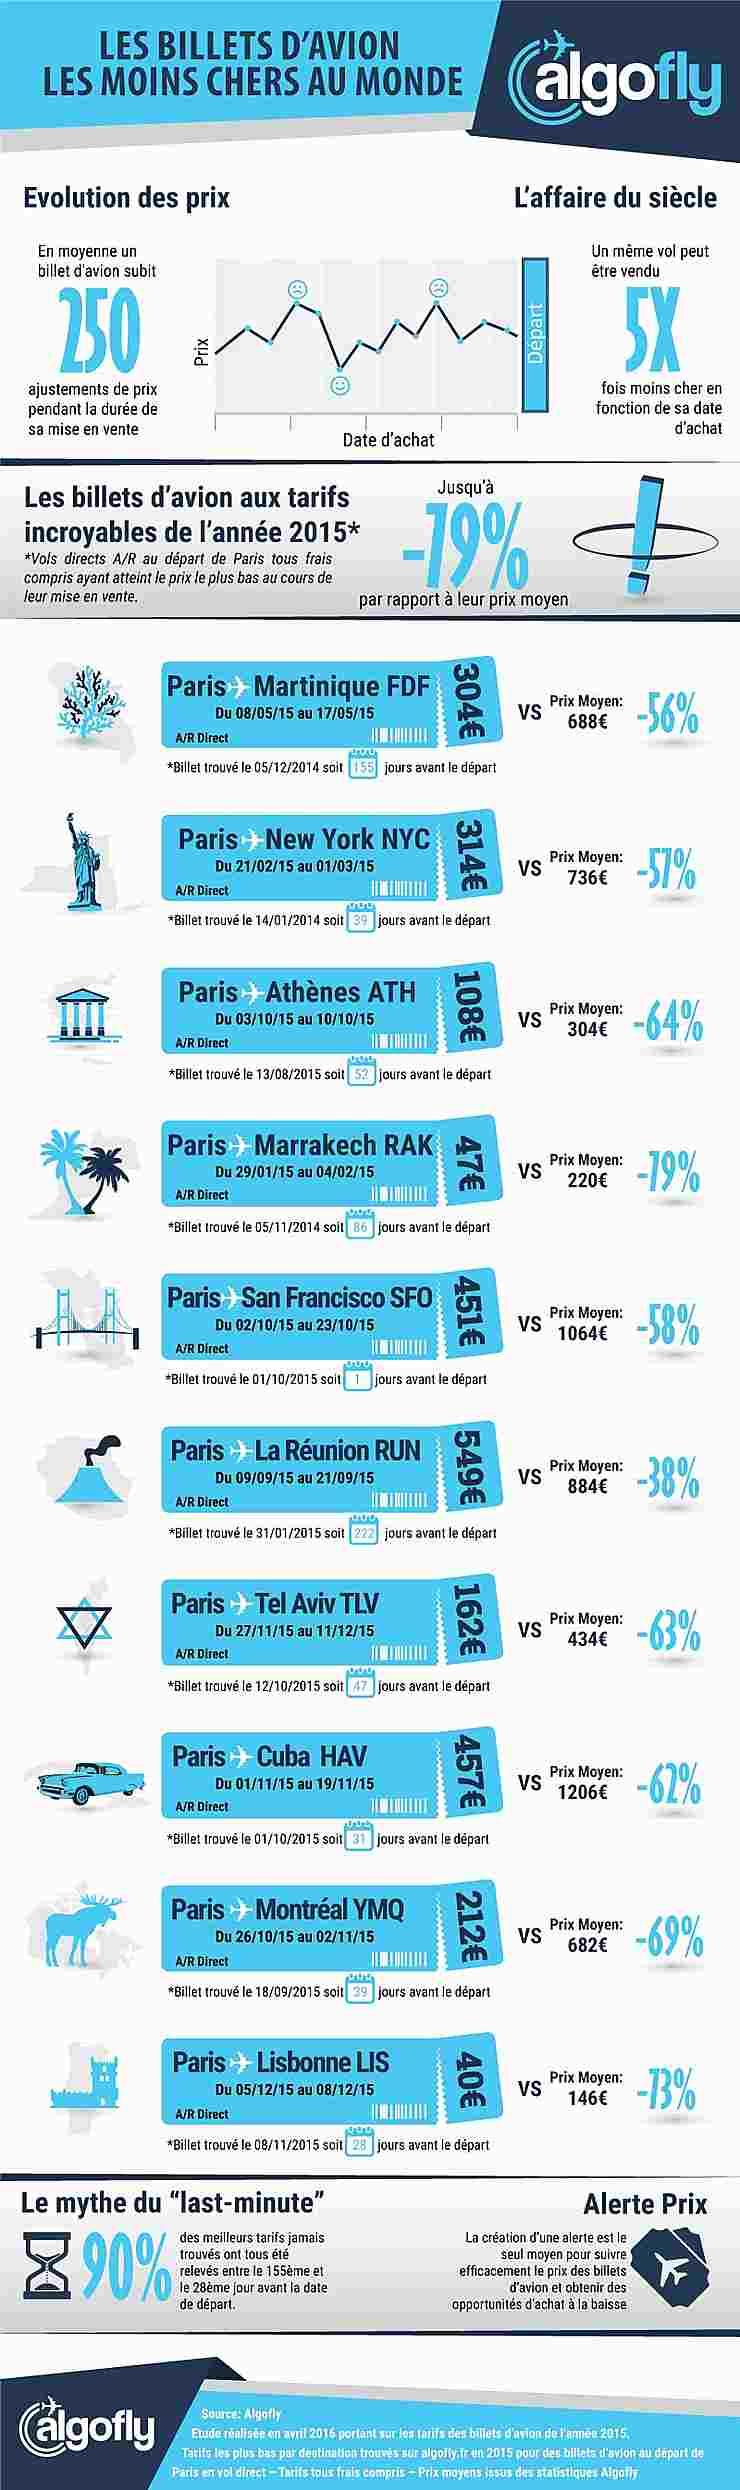 Infographie - Quelle est la meilleure date pour réserver son billet d'avion ?